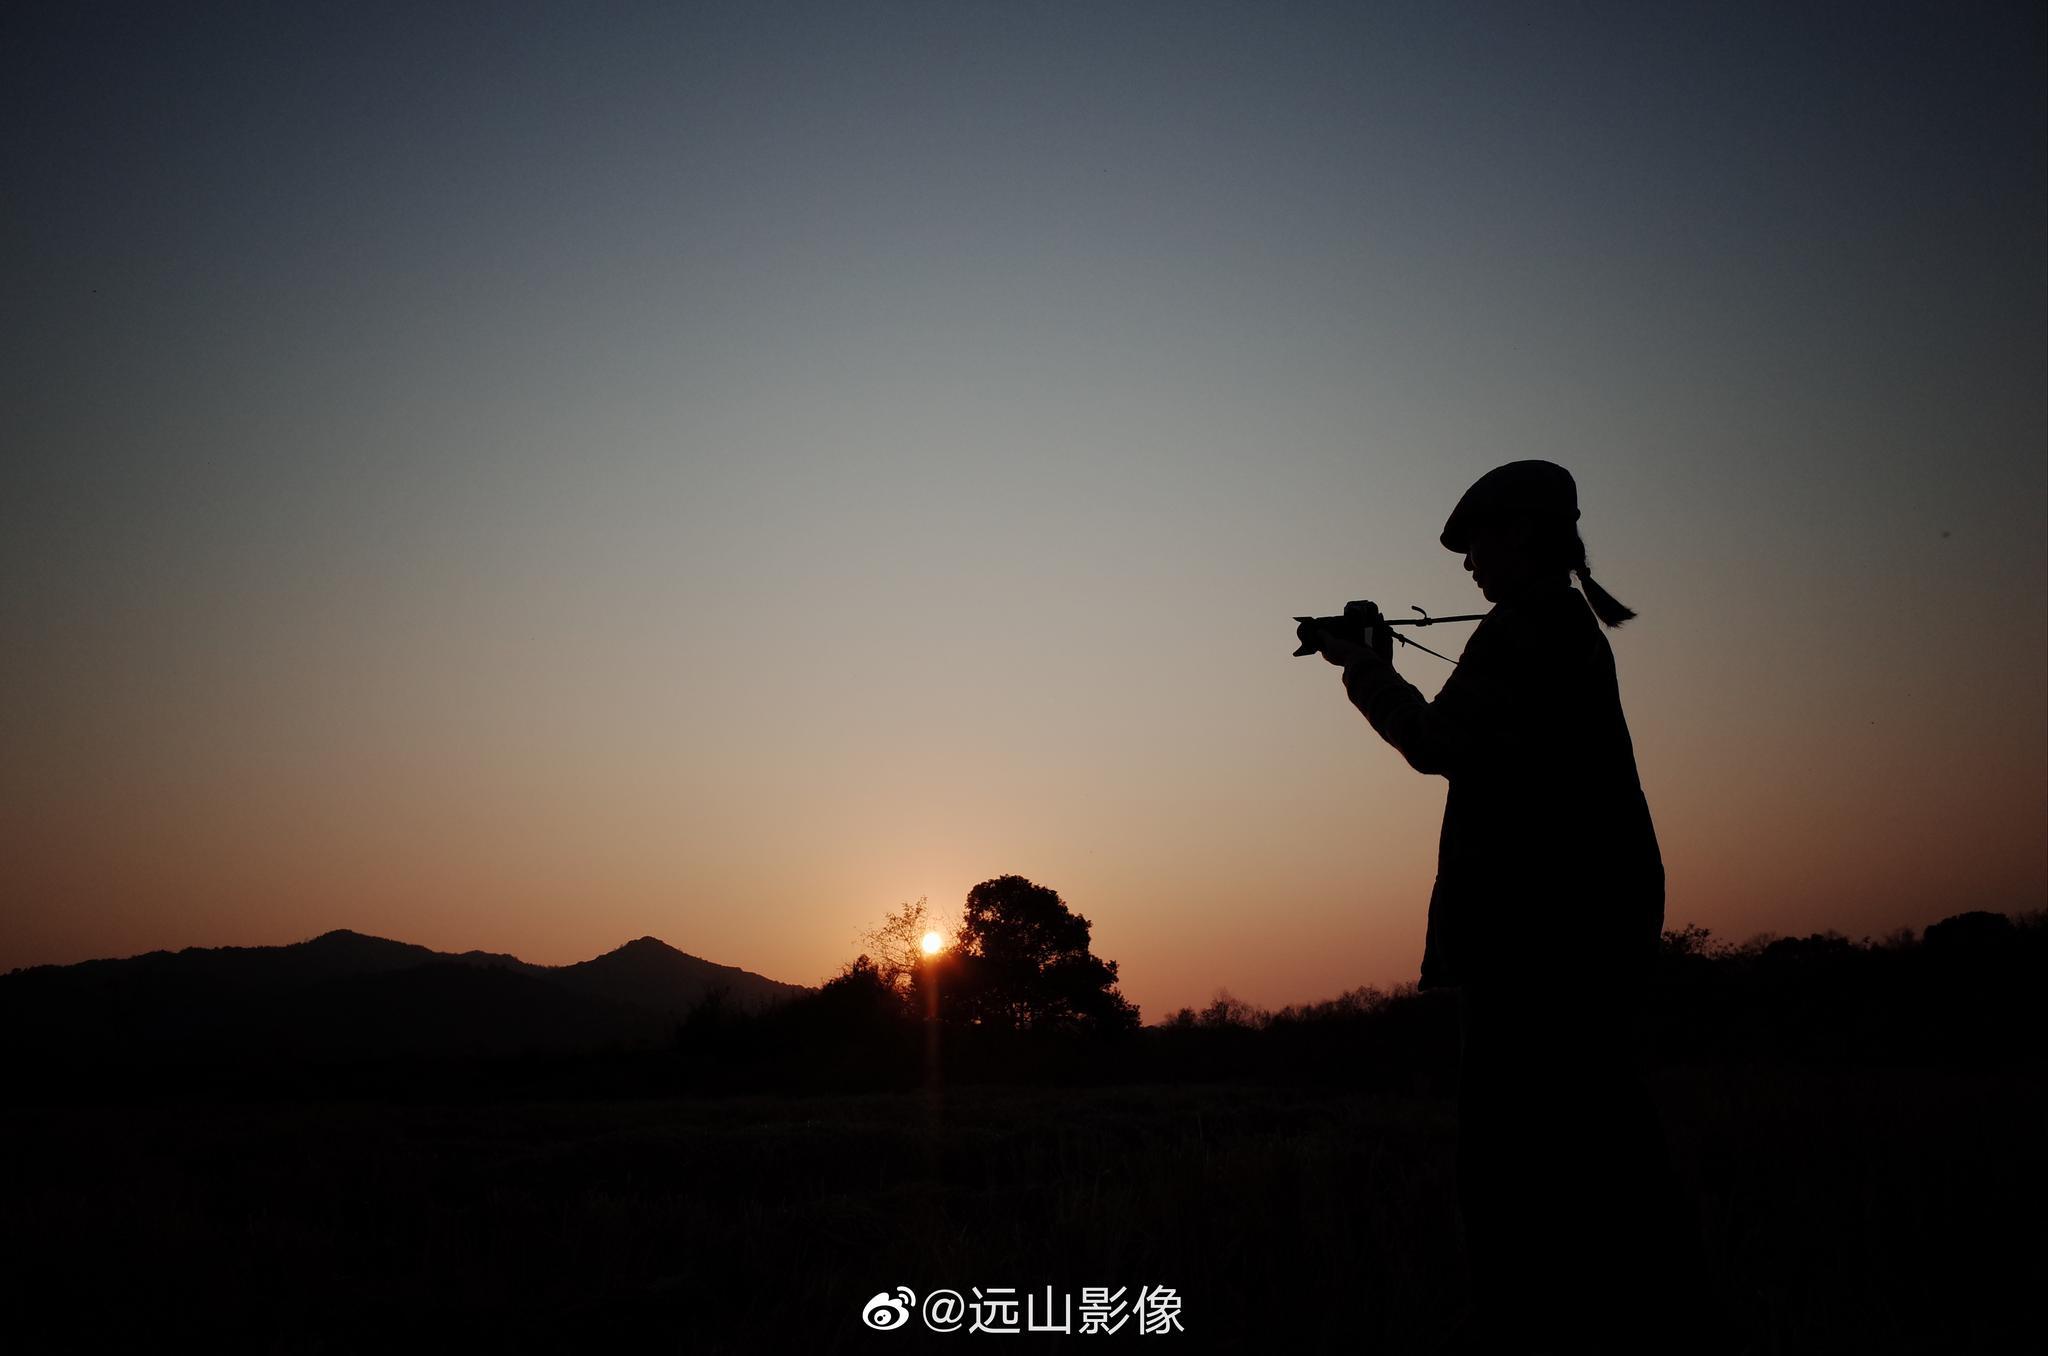 夕阳下的剪影